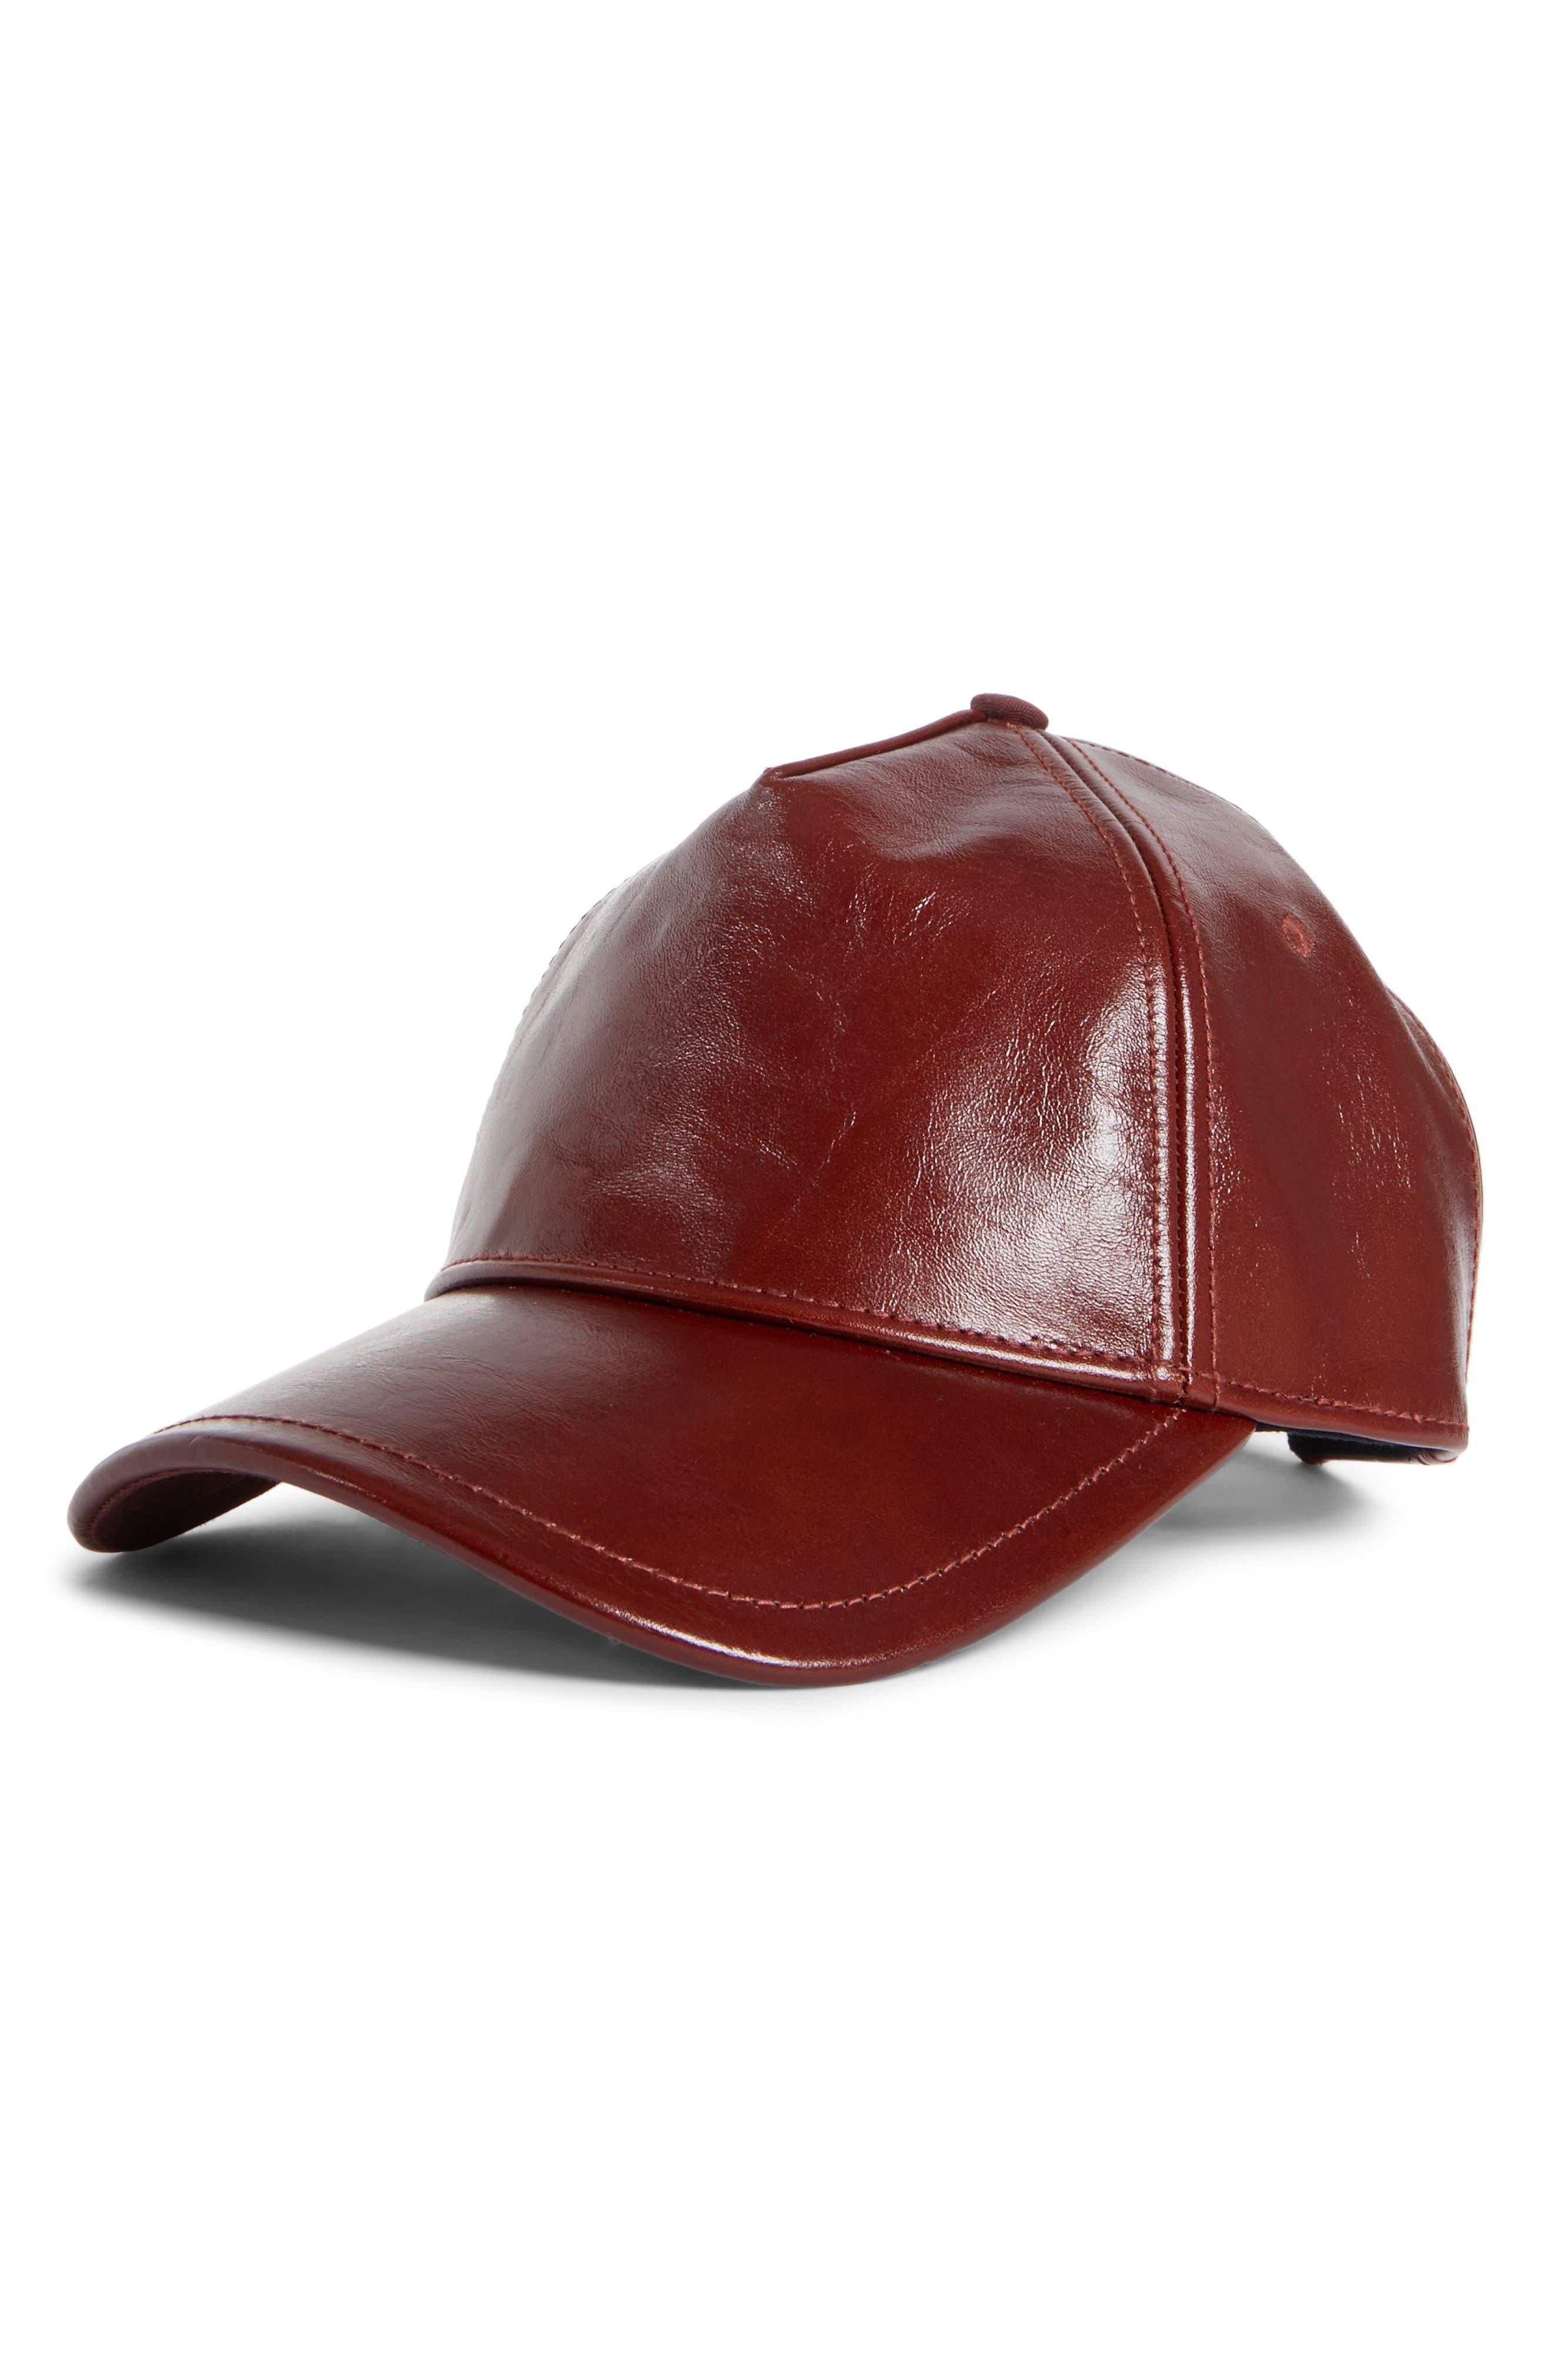 RAG & BONE Marilyn Leather Baseball Cap, Main, color, DARK BROWN